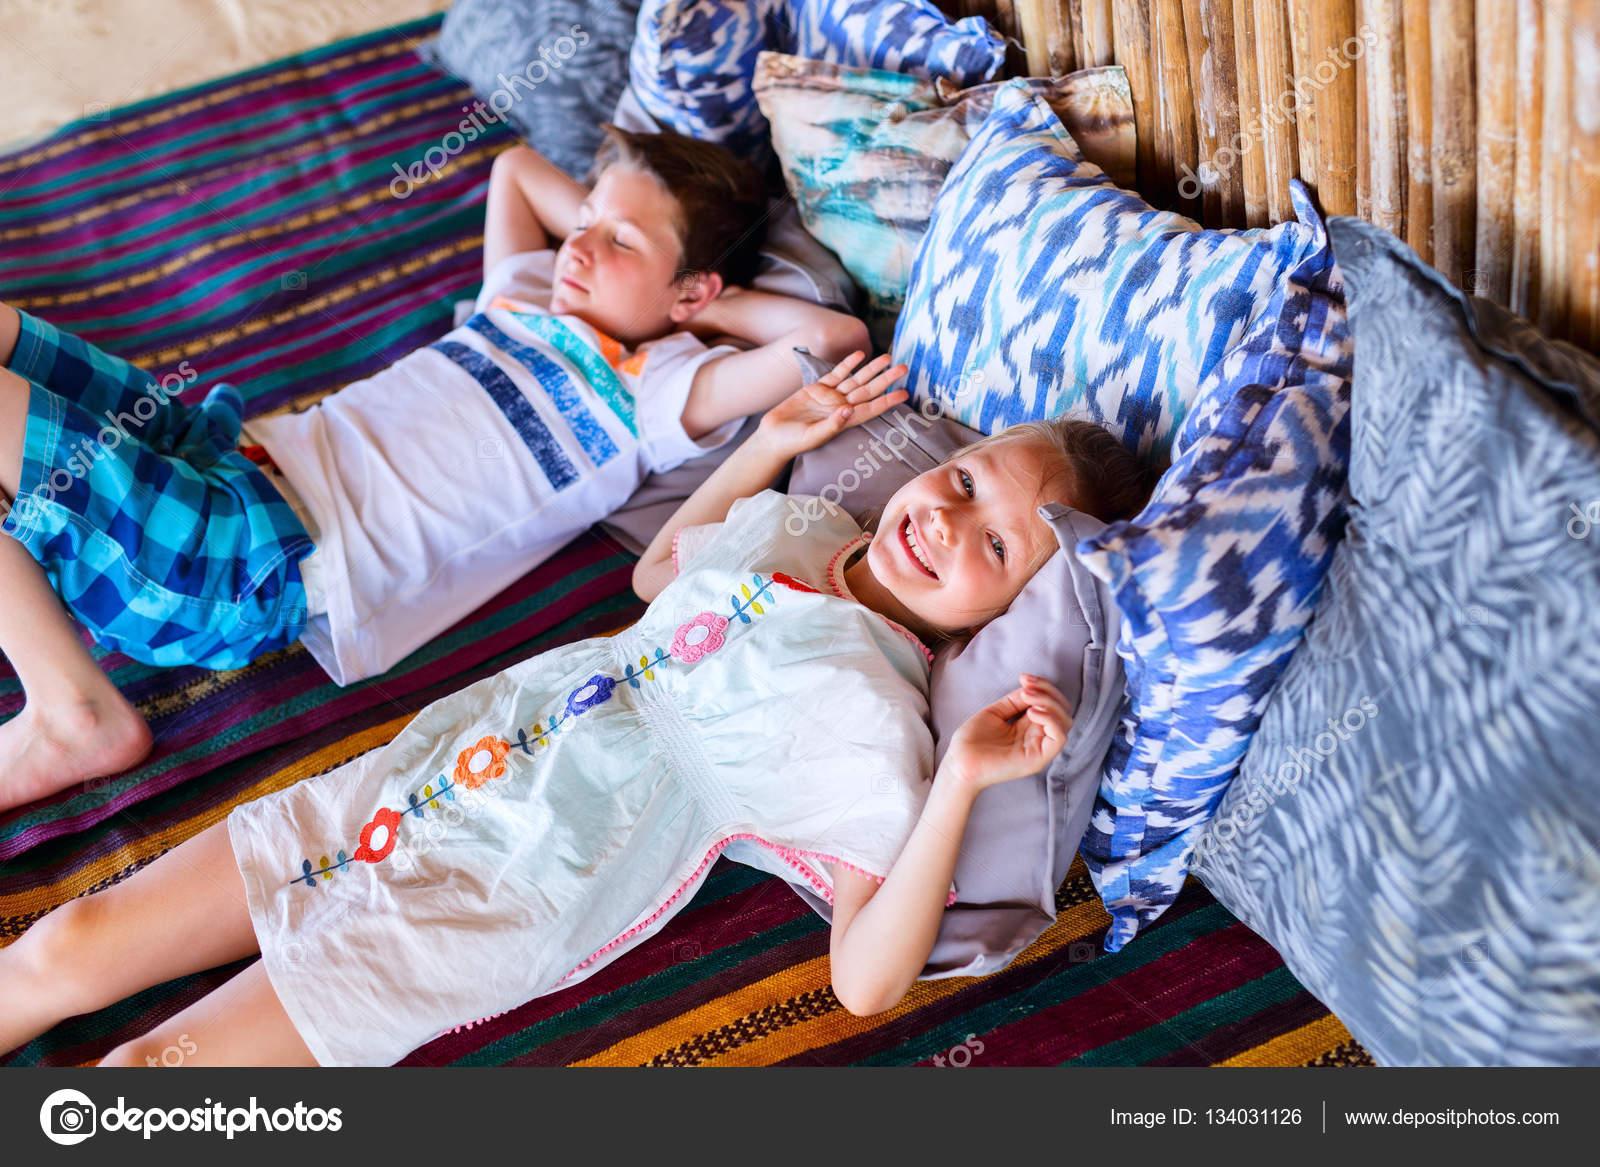 Пьяный брат трахнул пьяную сестру, Смотреть поимел спящую сестру дественицу онлайн 11 фотография